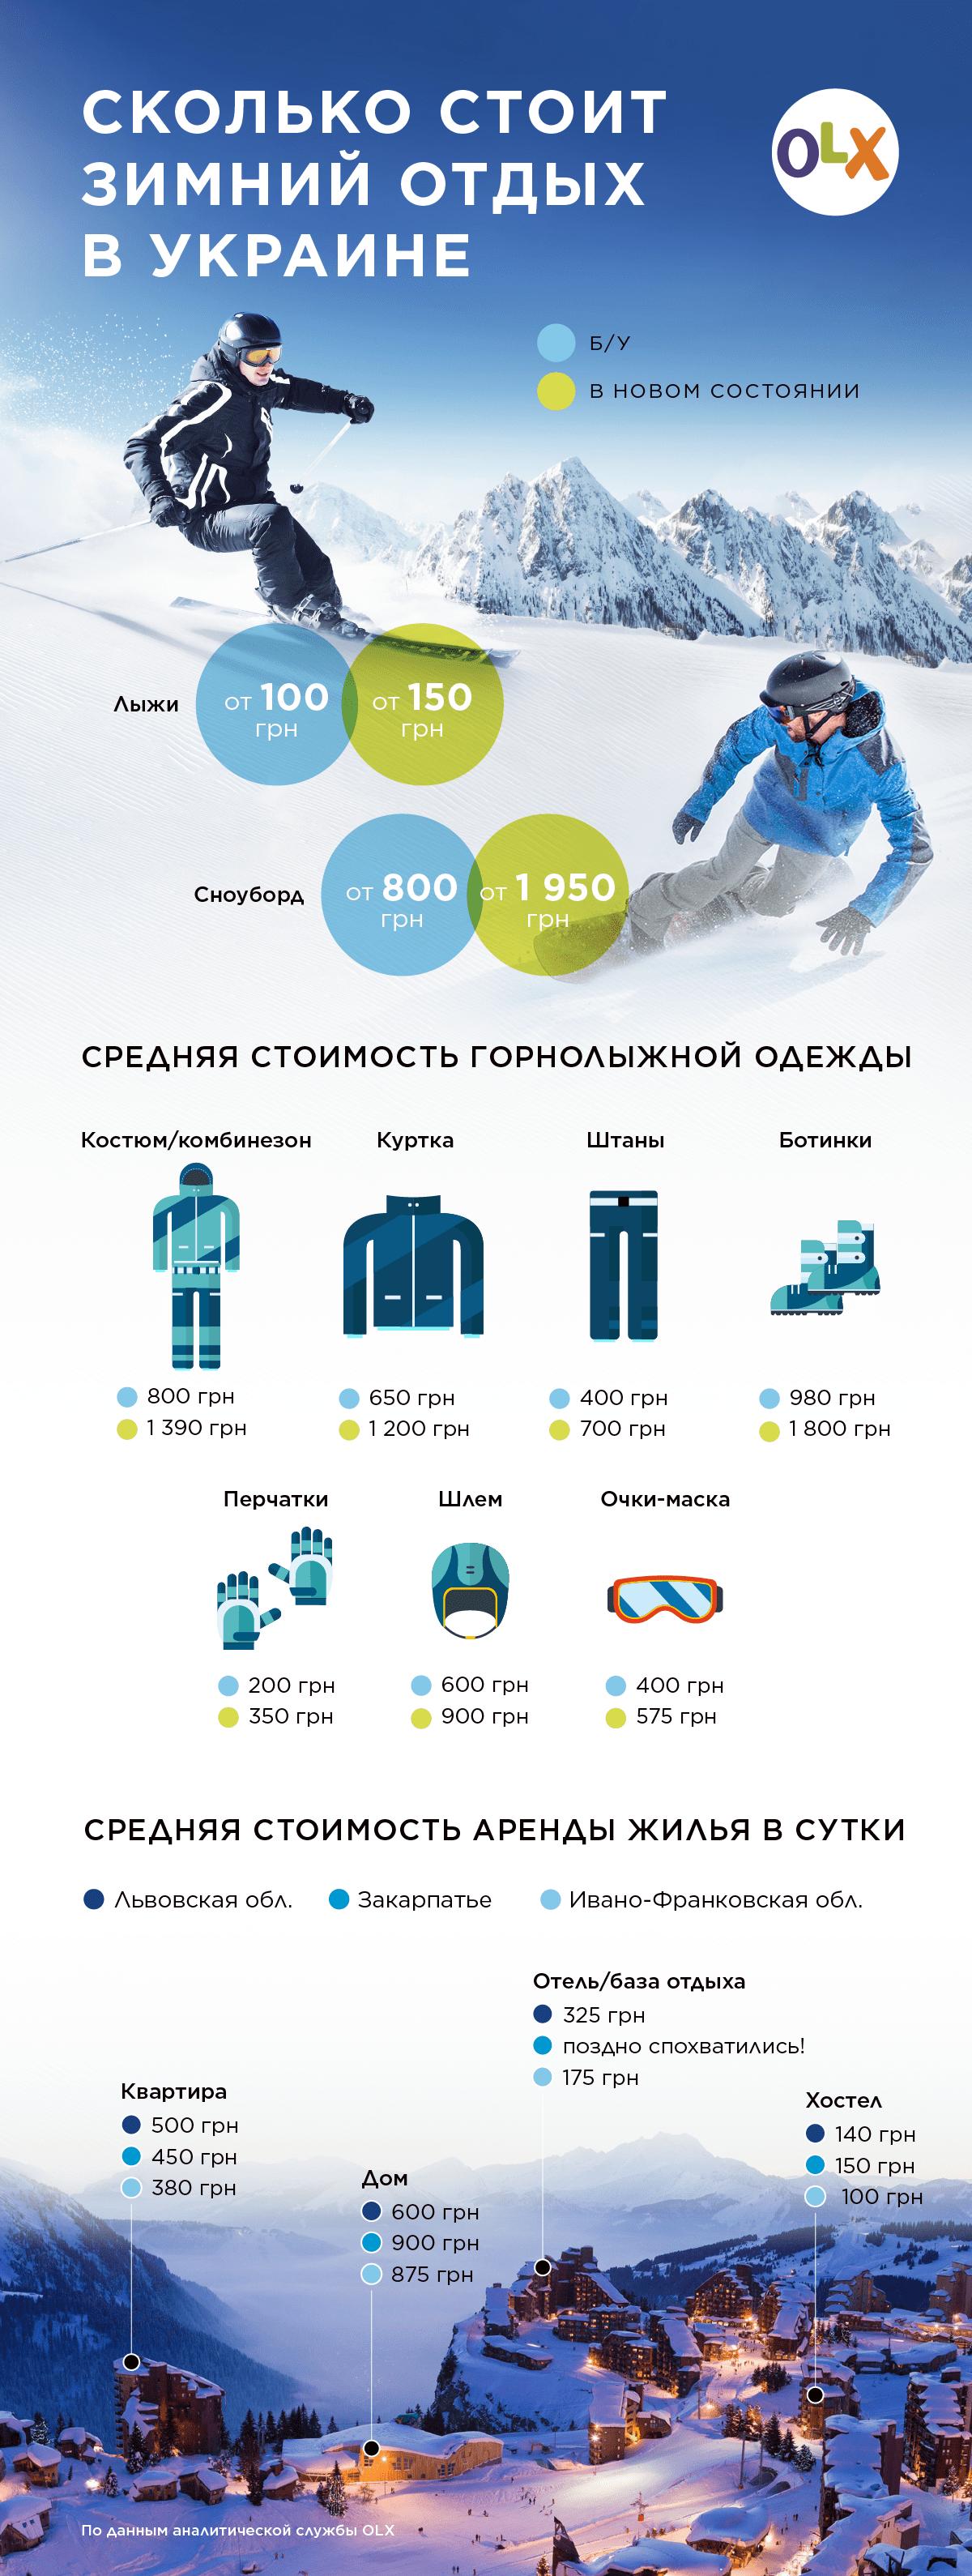 Инфографика_OLX_Зимний отдых